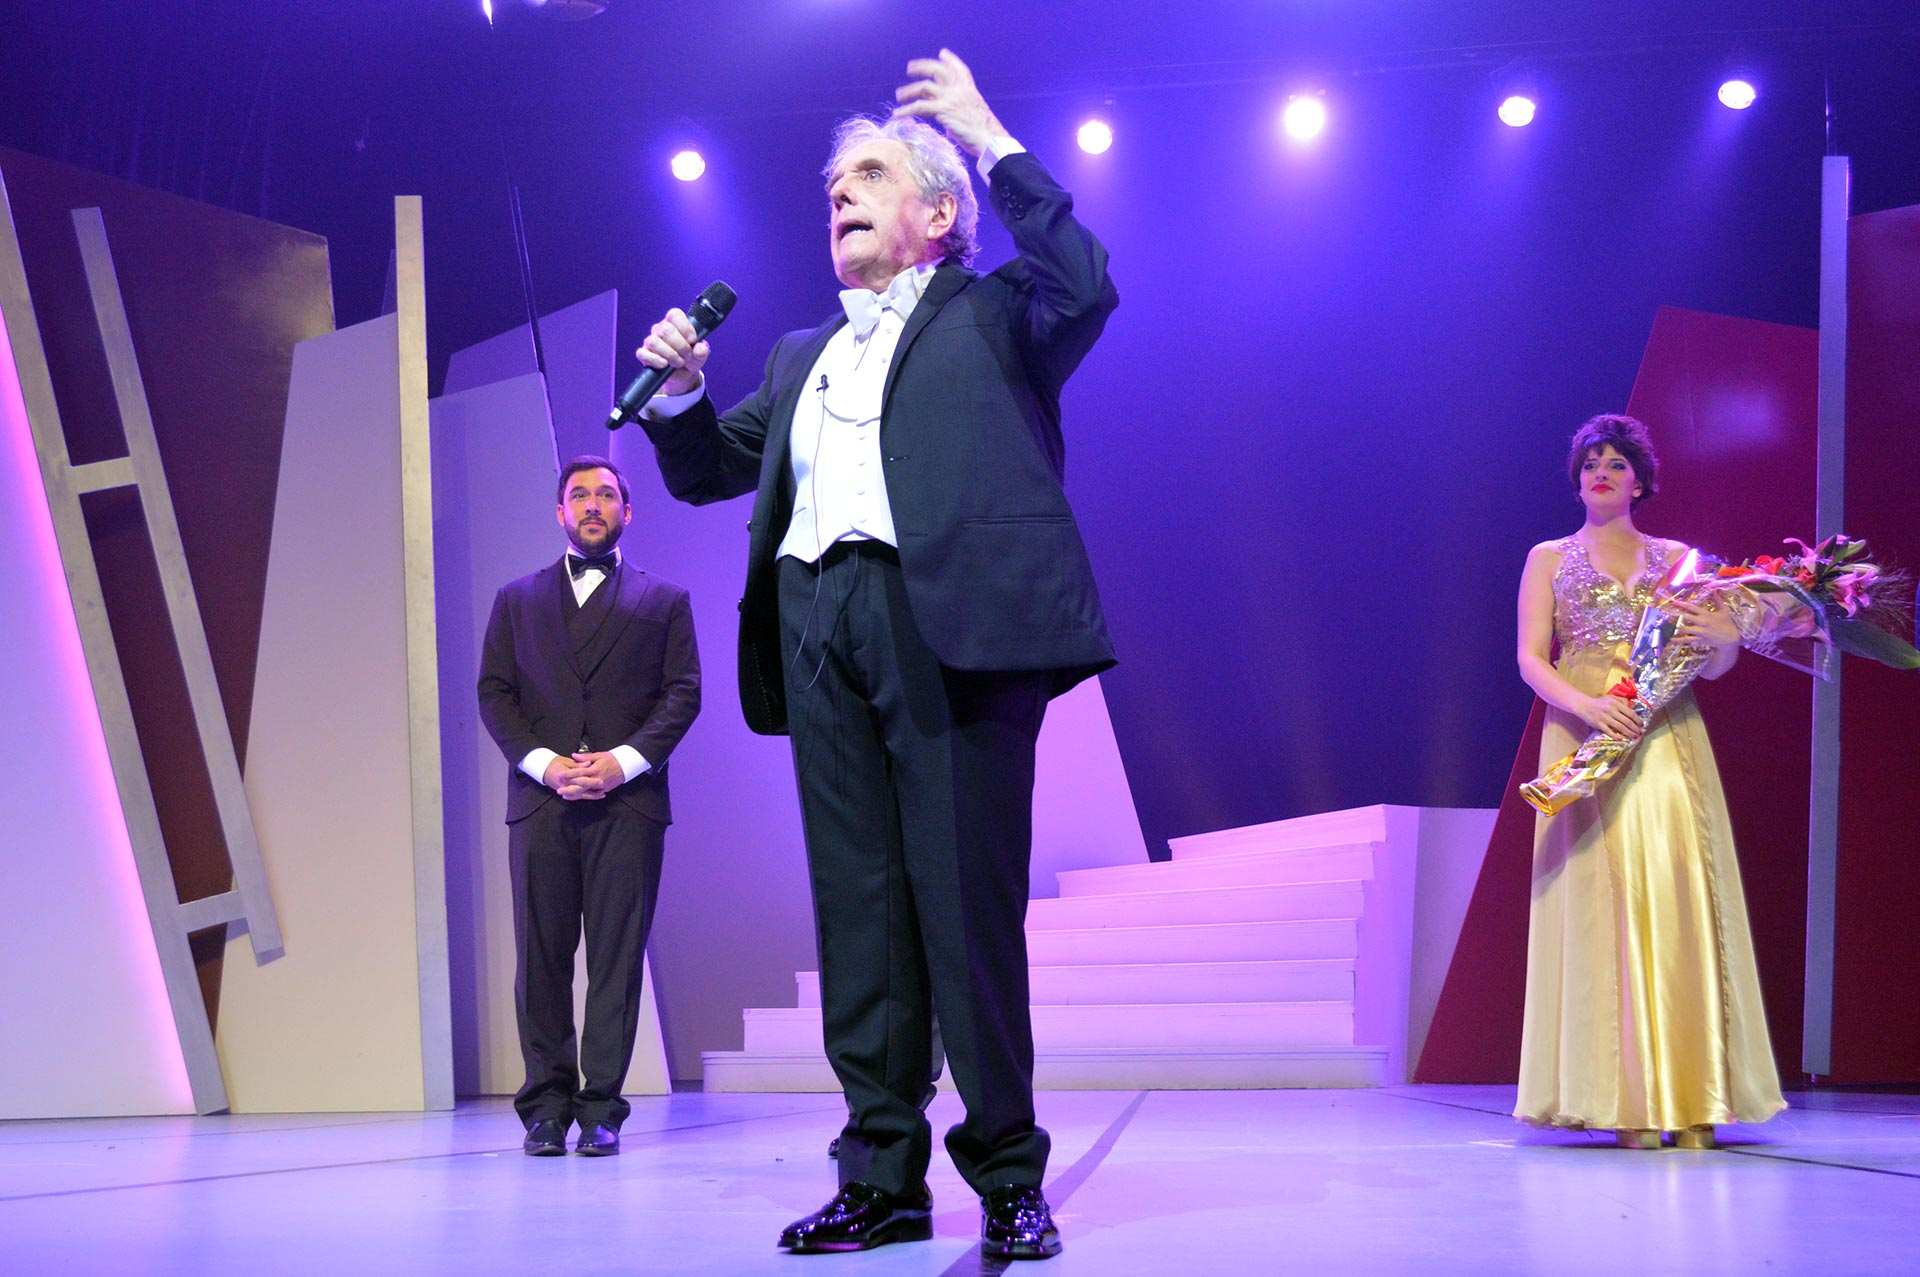 Al término de la función, el actor dedicó unas sentidas palabras a su público, que lo ovacionó de pie